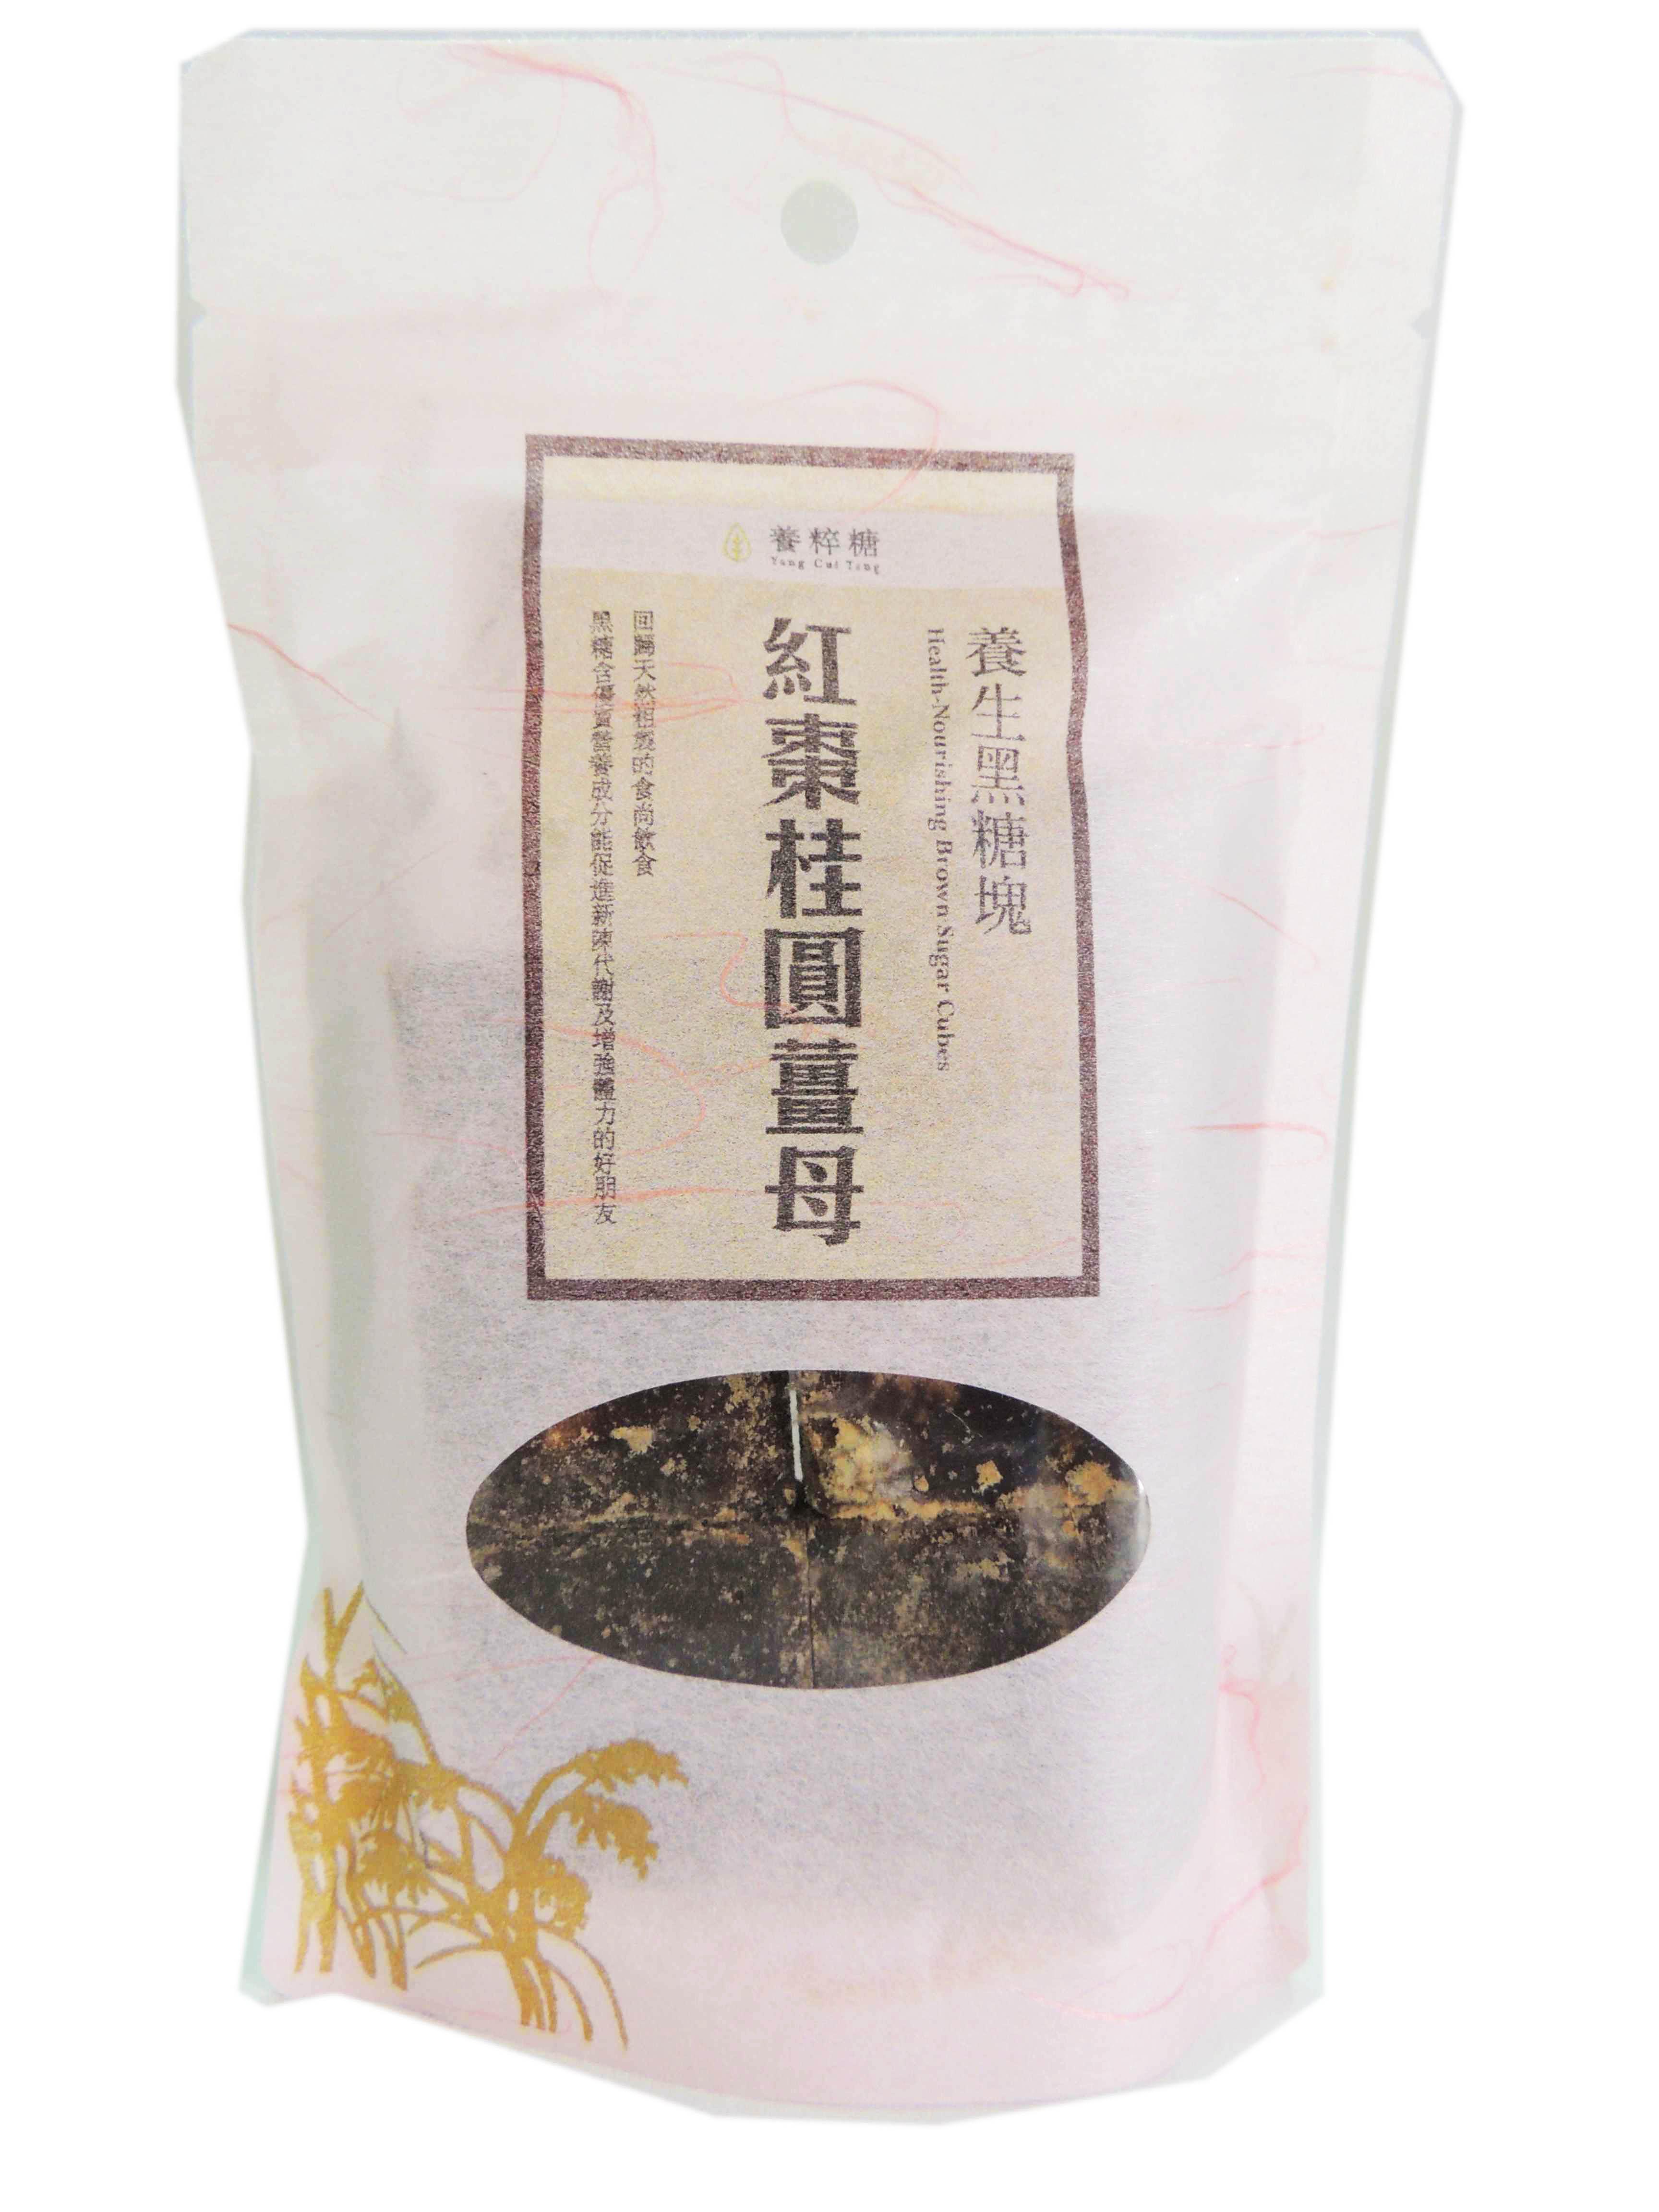 【KTmiss】養粹糖 養生黑糖塊 紅棗桂圓薑母